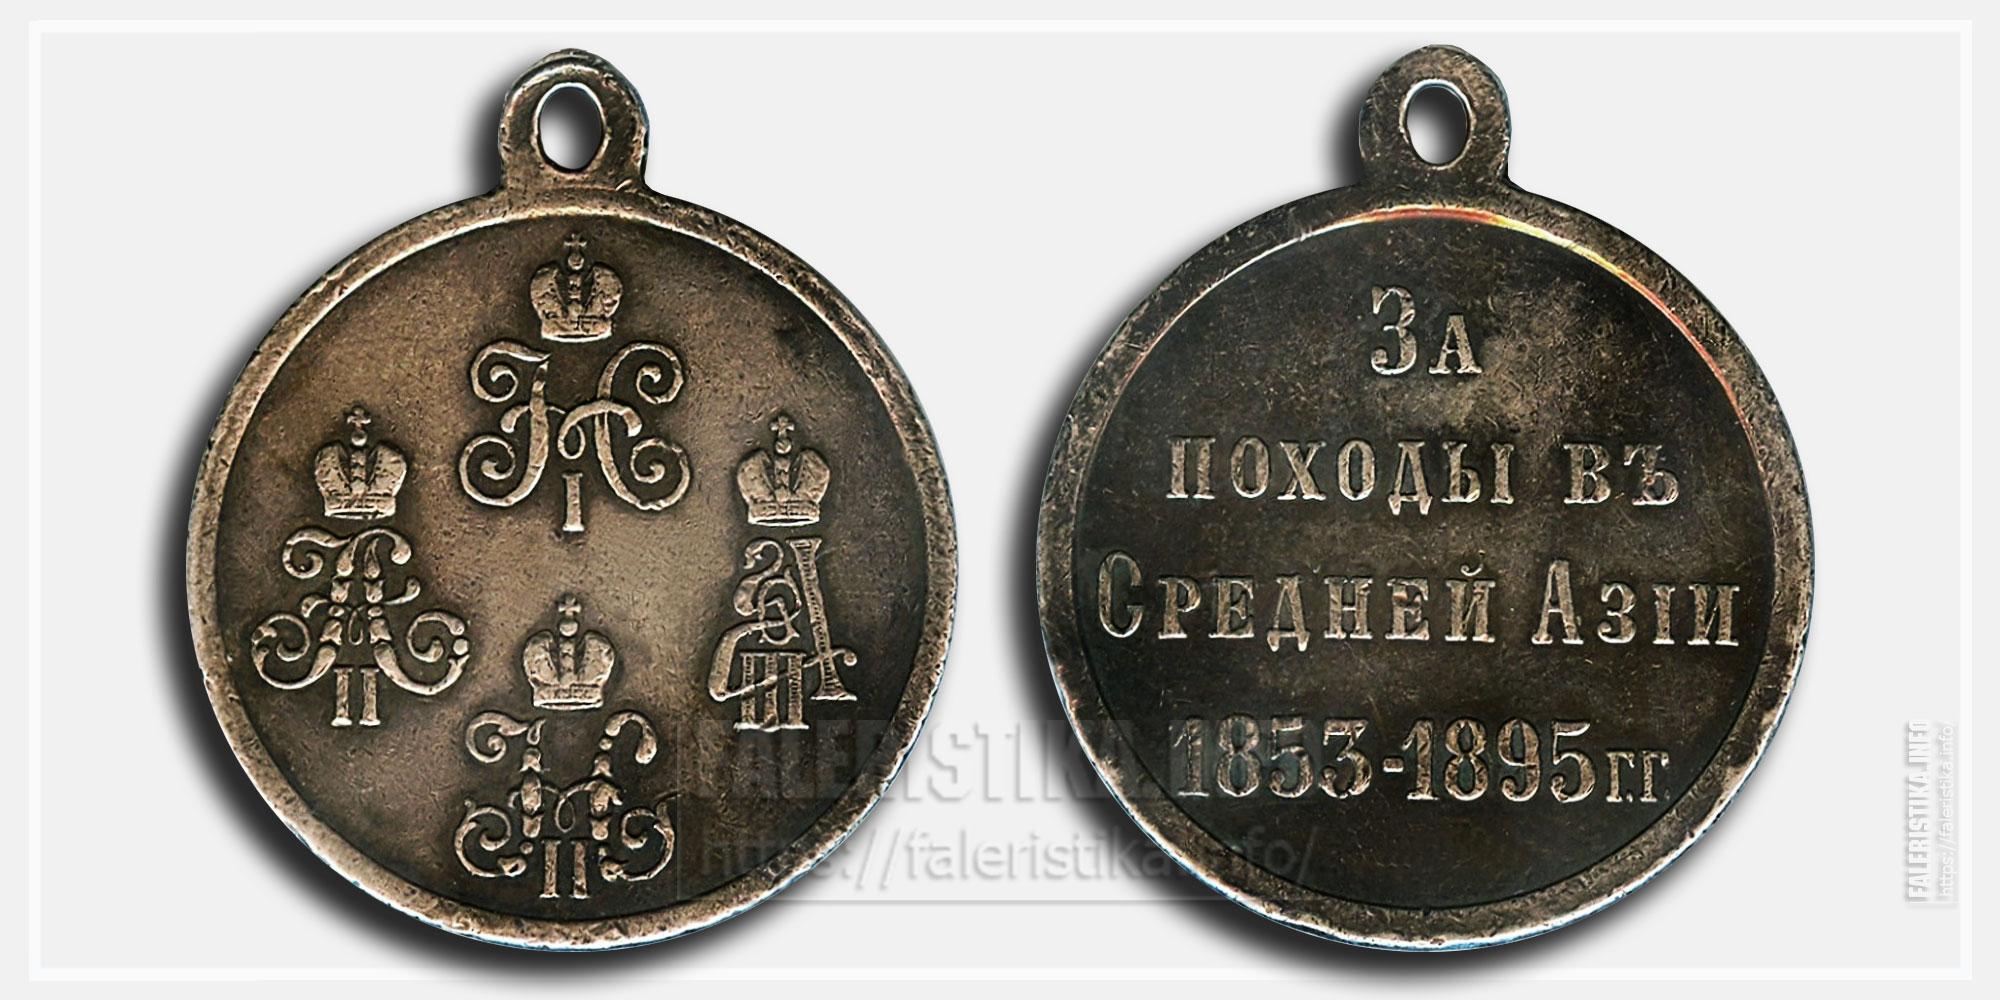 """Медаль """"За походы в Средней Азии 1853-1895 гг."""" (серебро)"""